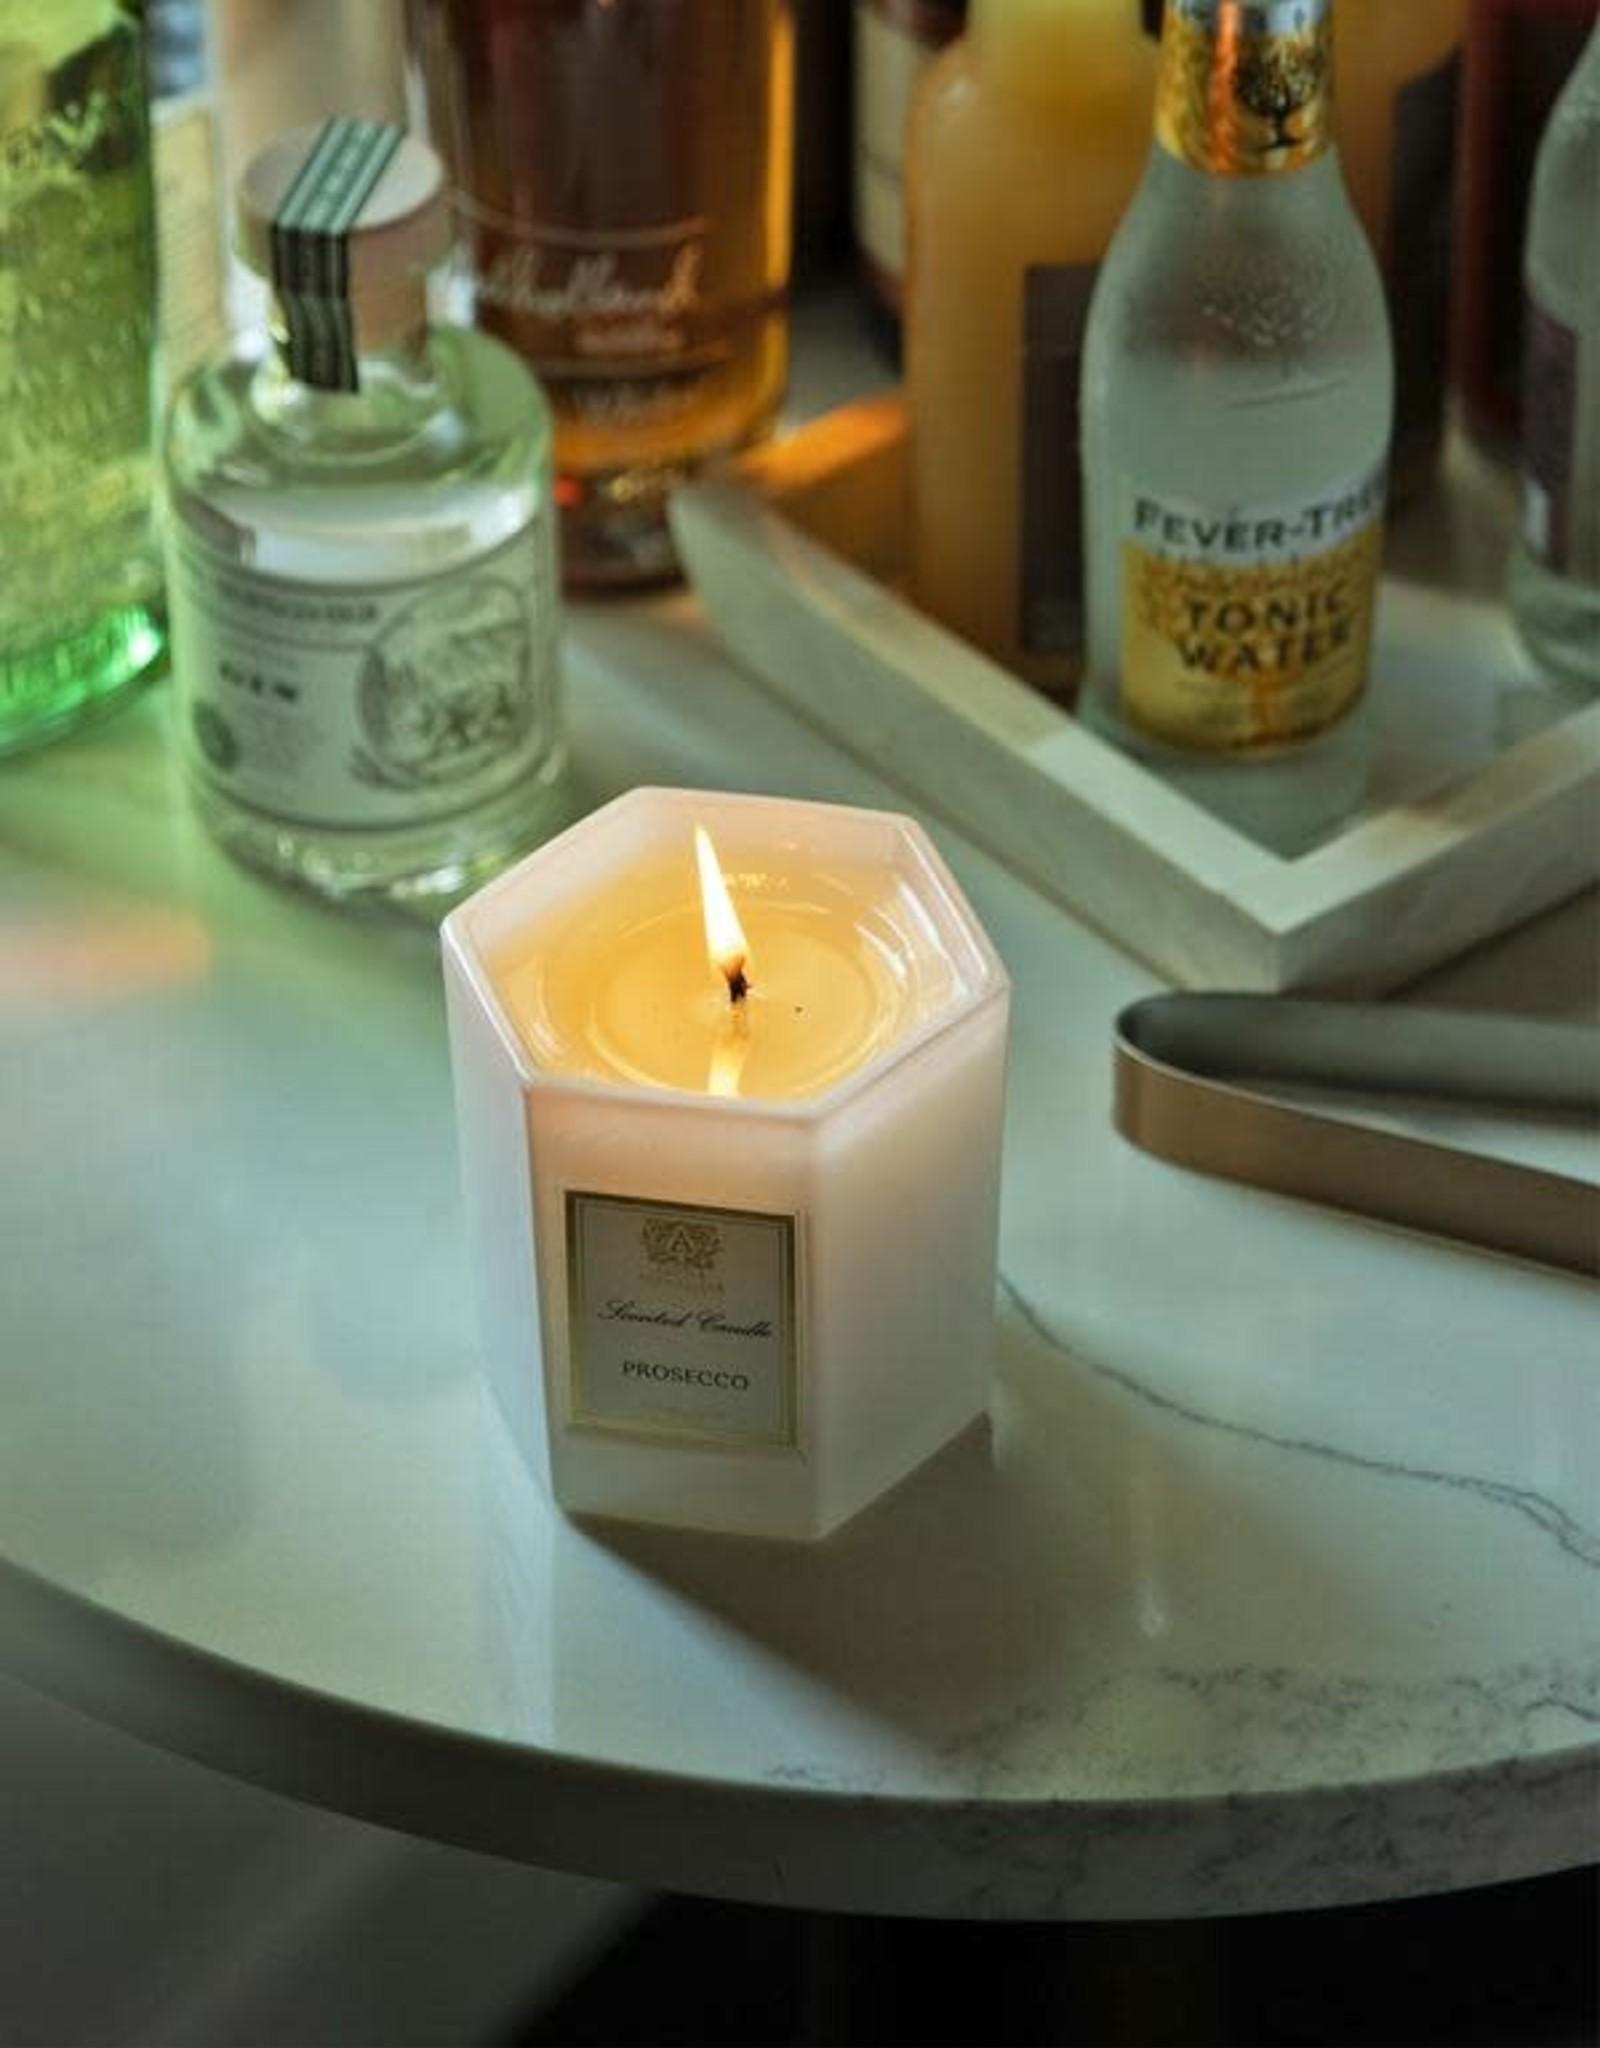 A-Farm Prosecco Candle